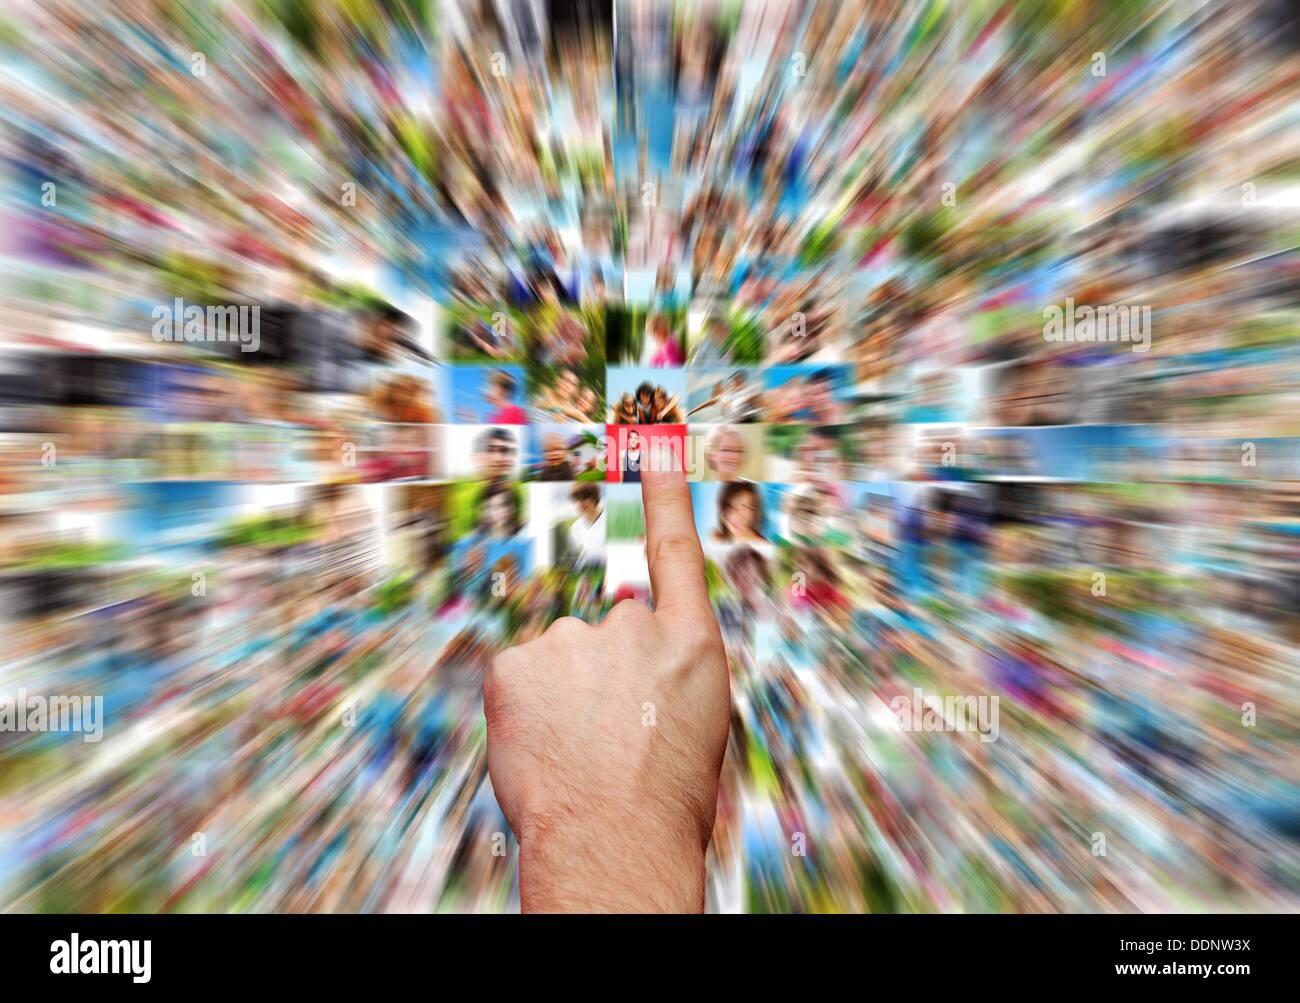 Social media un concetto di rete, mano selezionando una rete contatto Immagini Stock